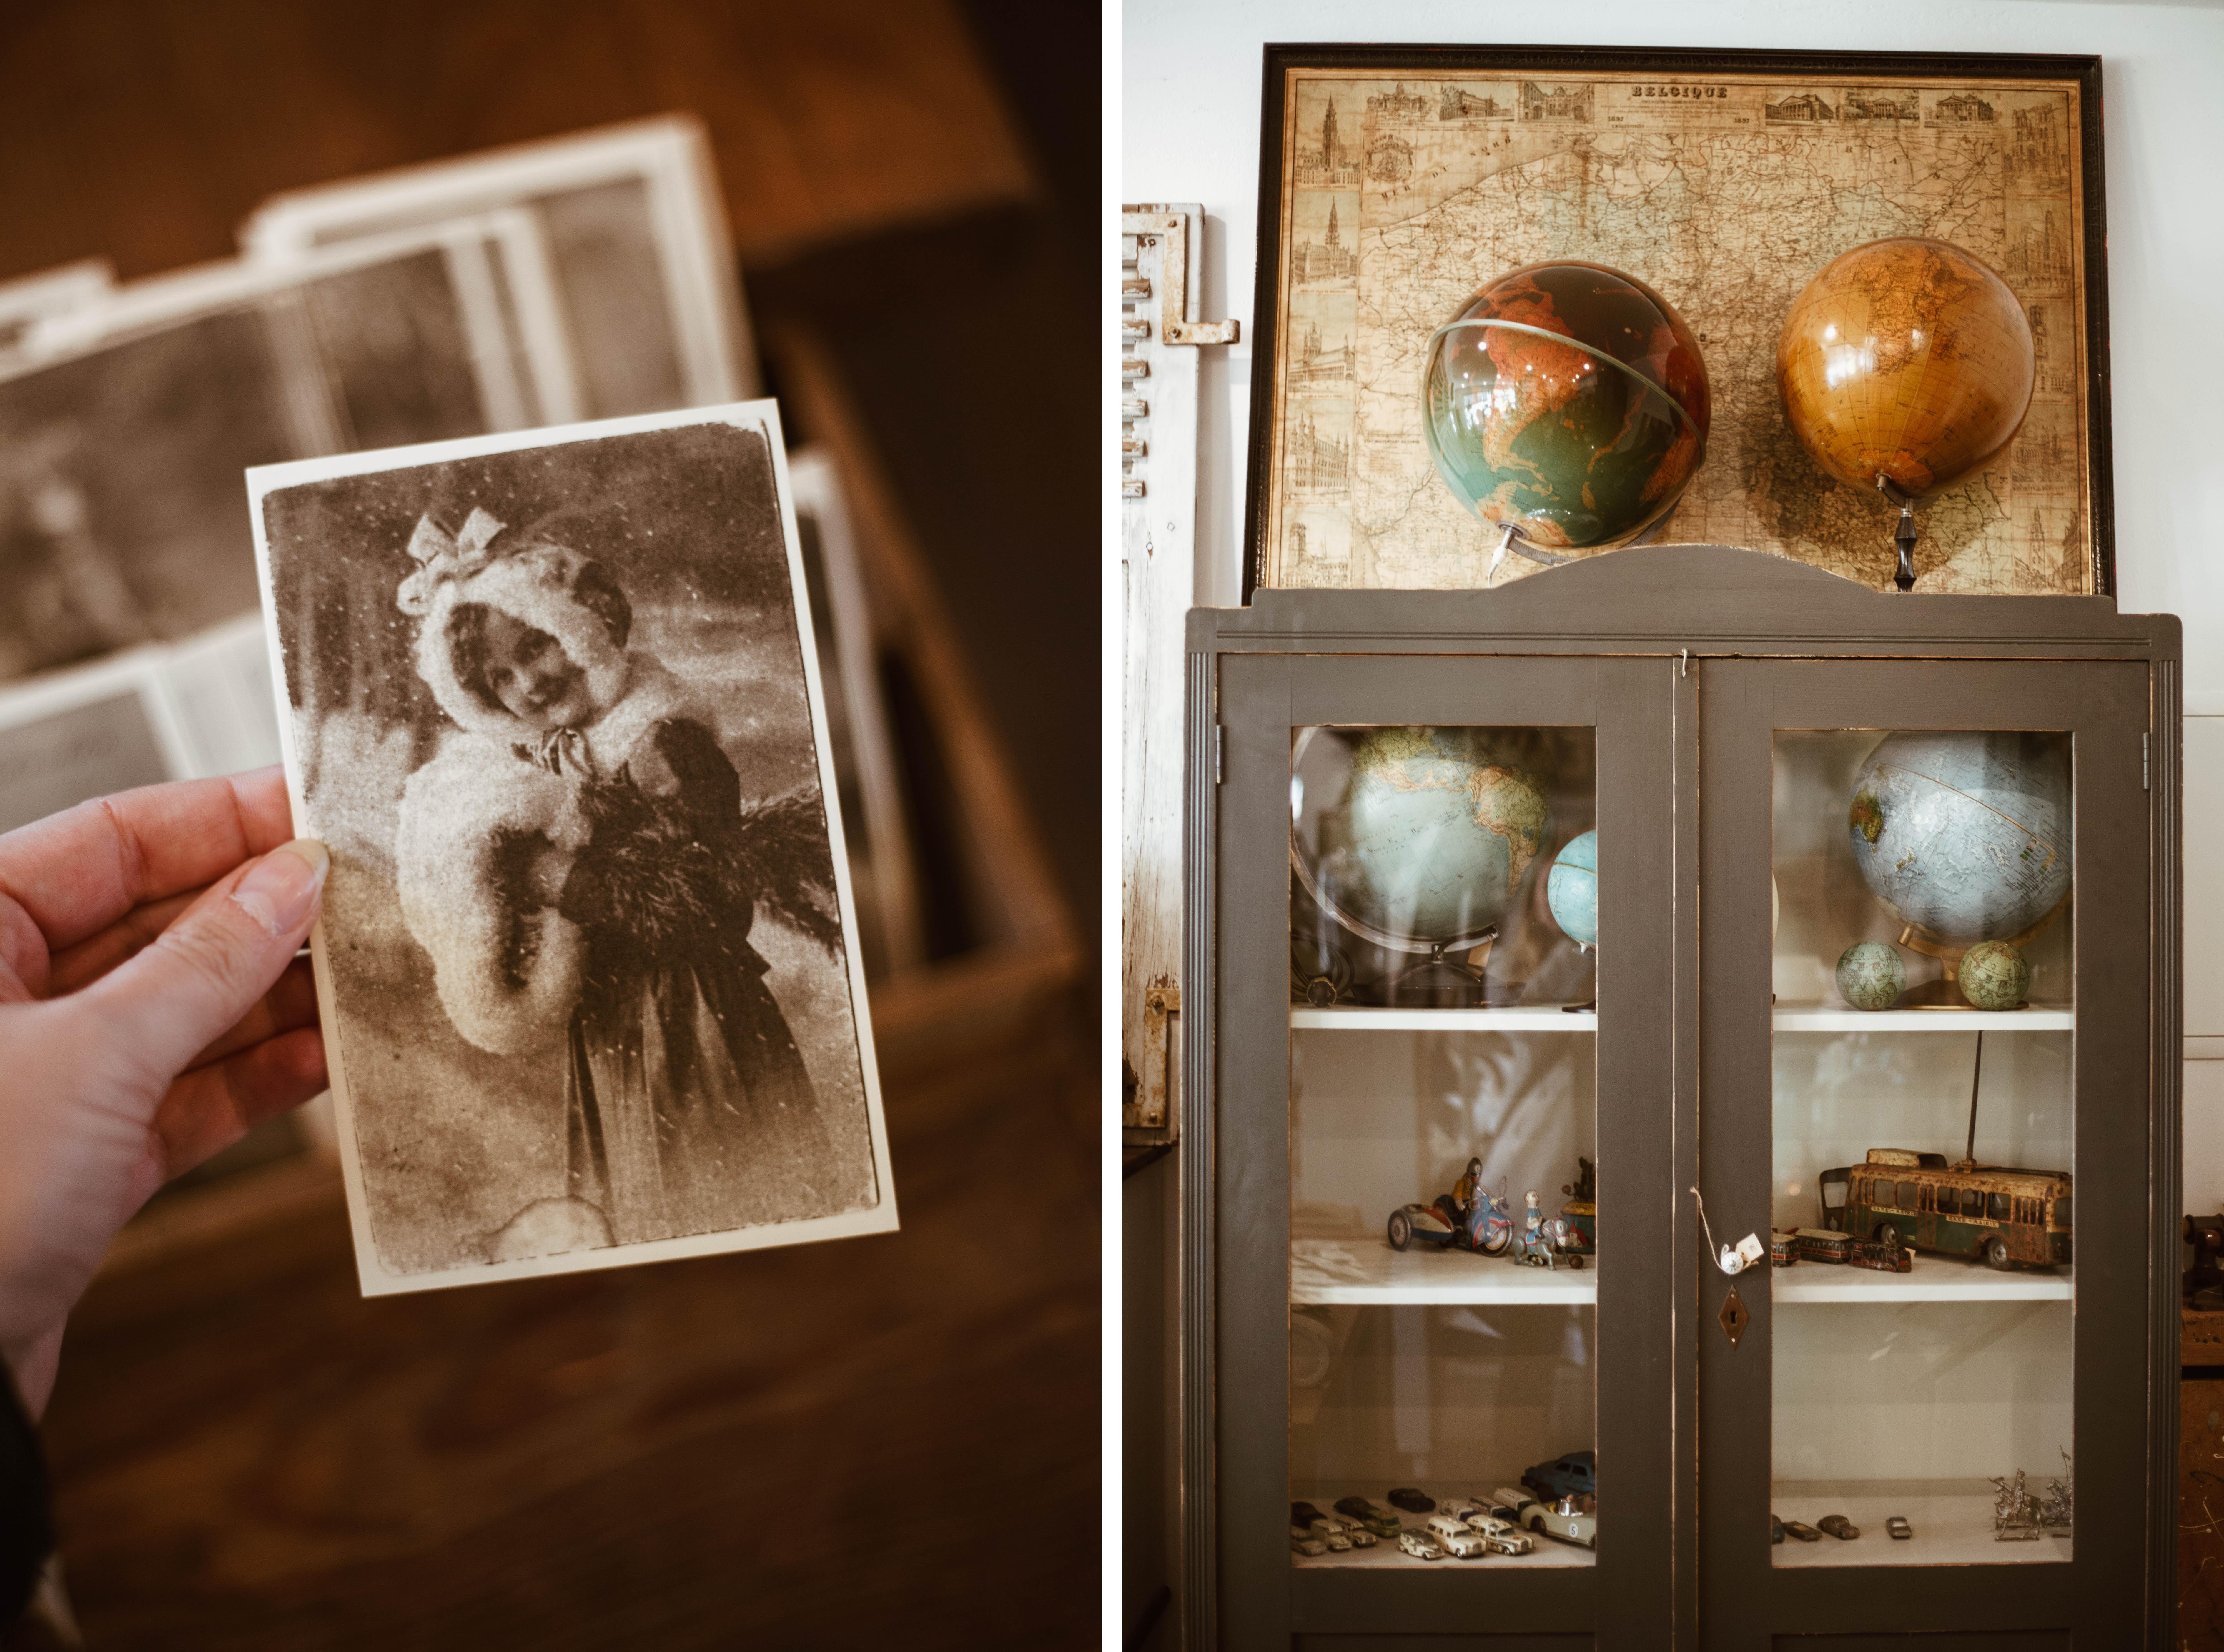 Nostalgische Adventsausstellung bei Rathjens Depot in Ahlefeld-Bistensee